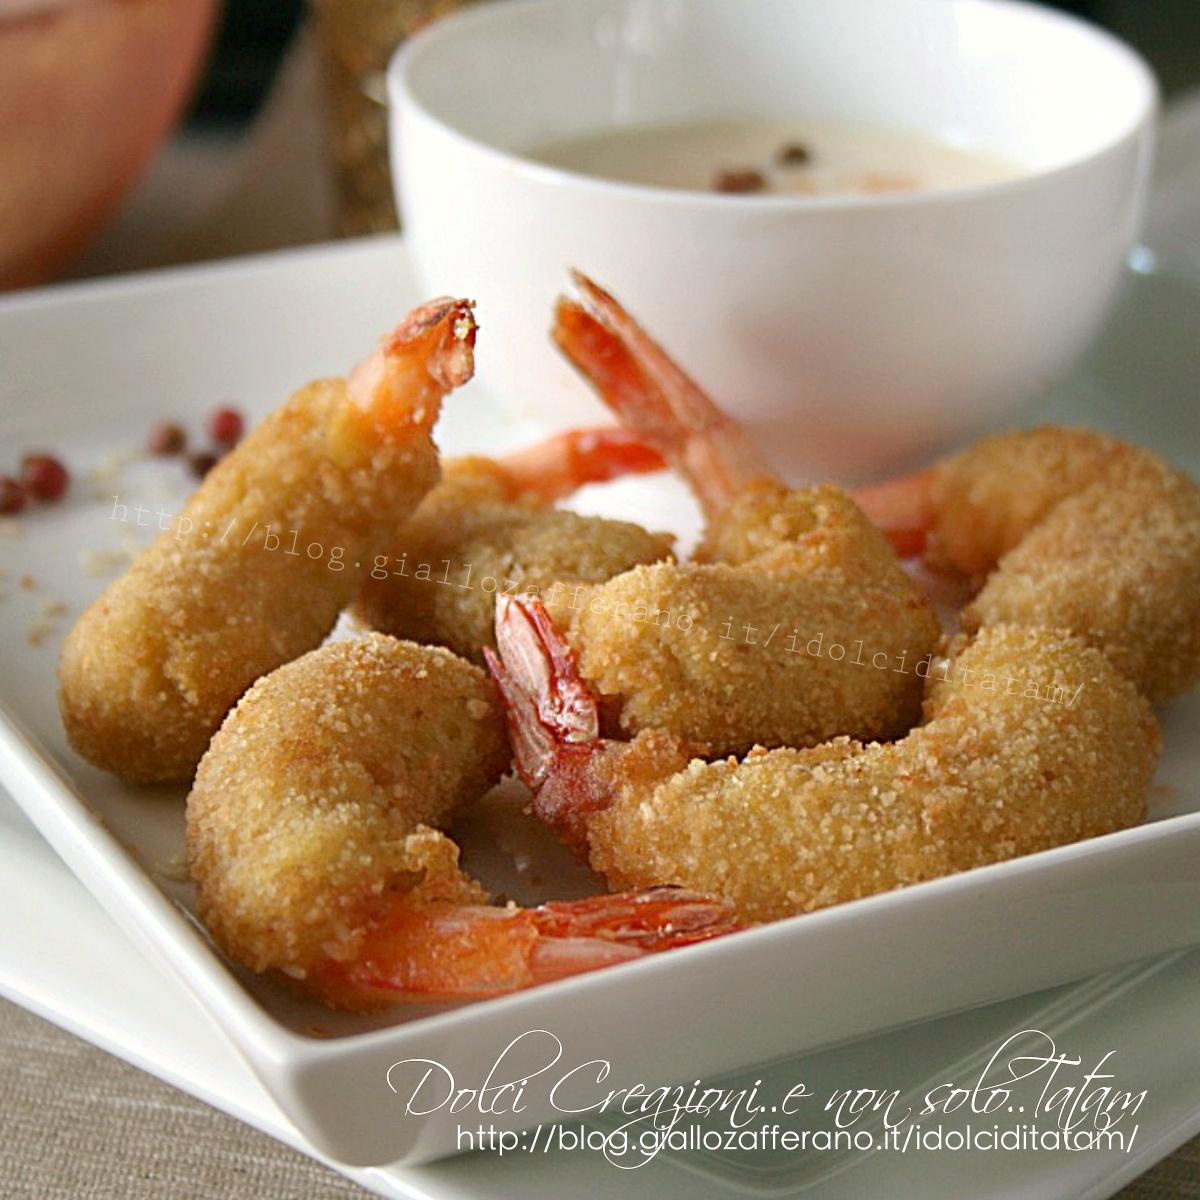 Gamberoni fritti al sesamo con salsa alla paprika